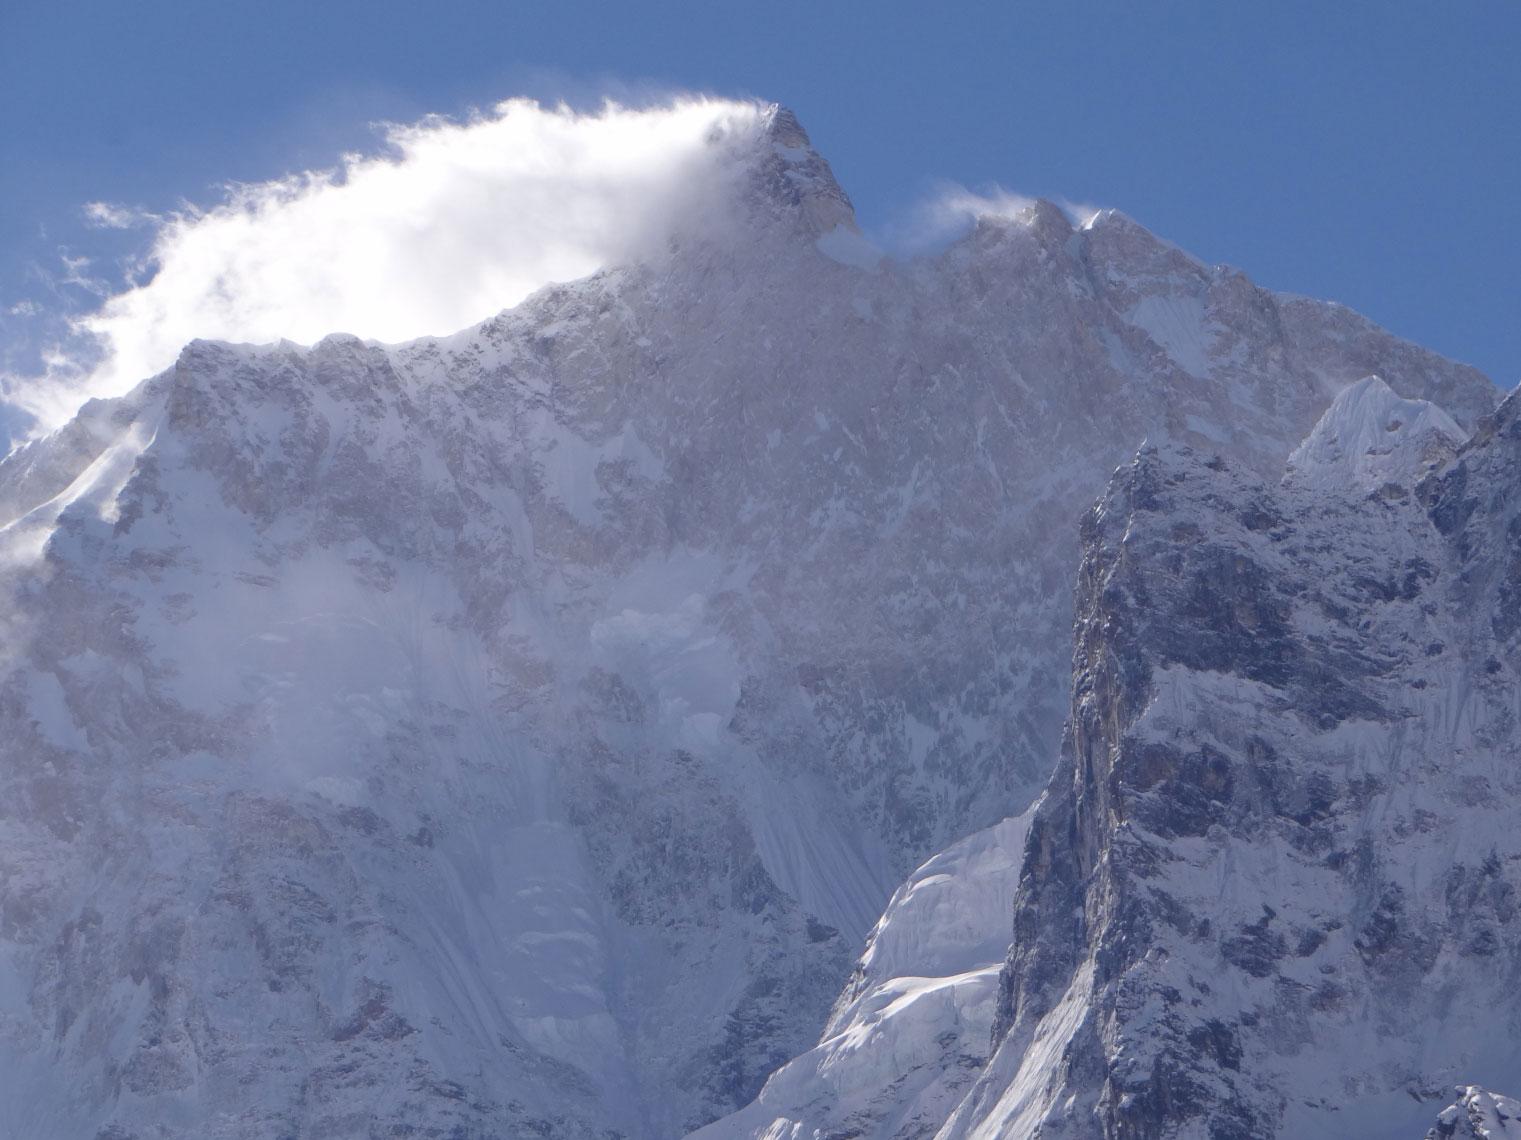 Jannu Peak